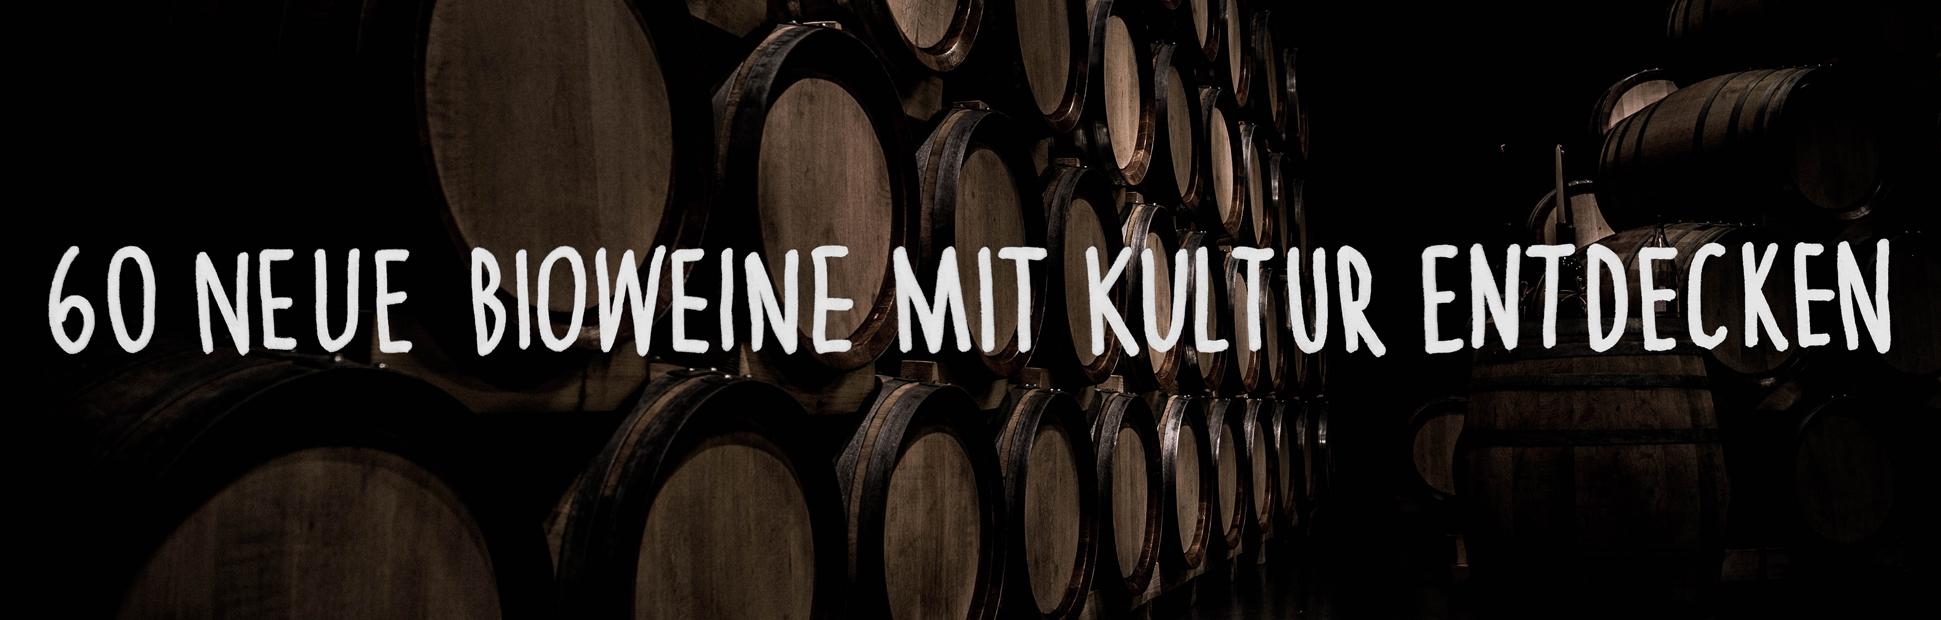 60 neue Bioweine mit Kultur (Bild: Revolt/ Unsplash)